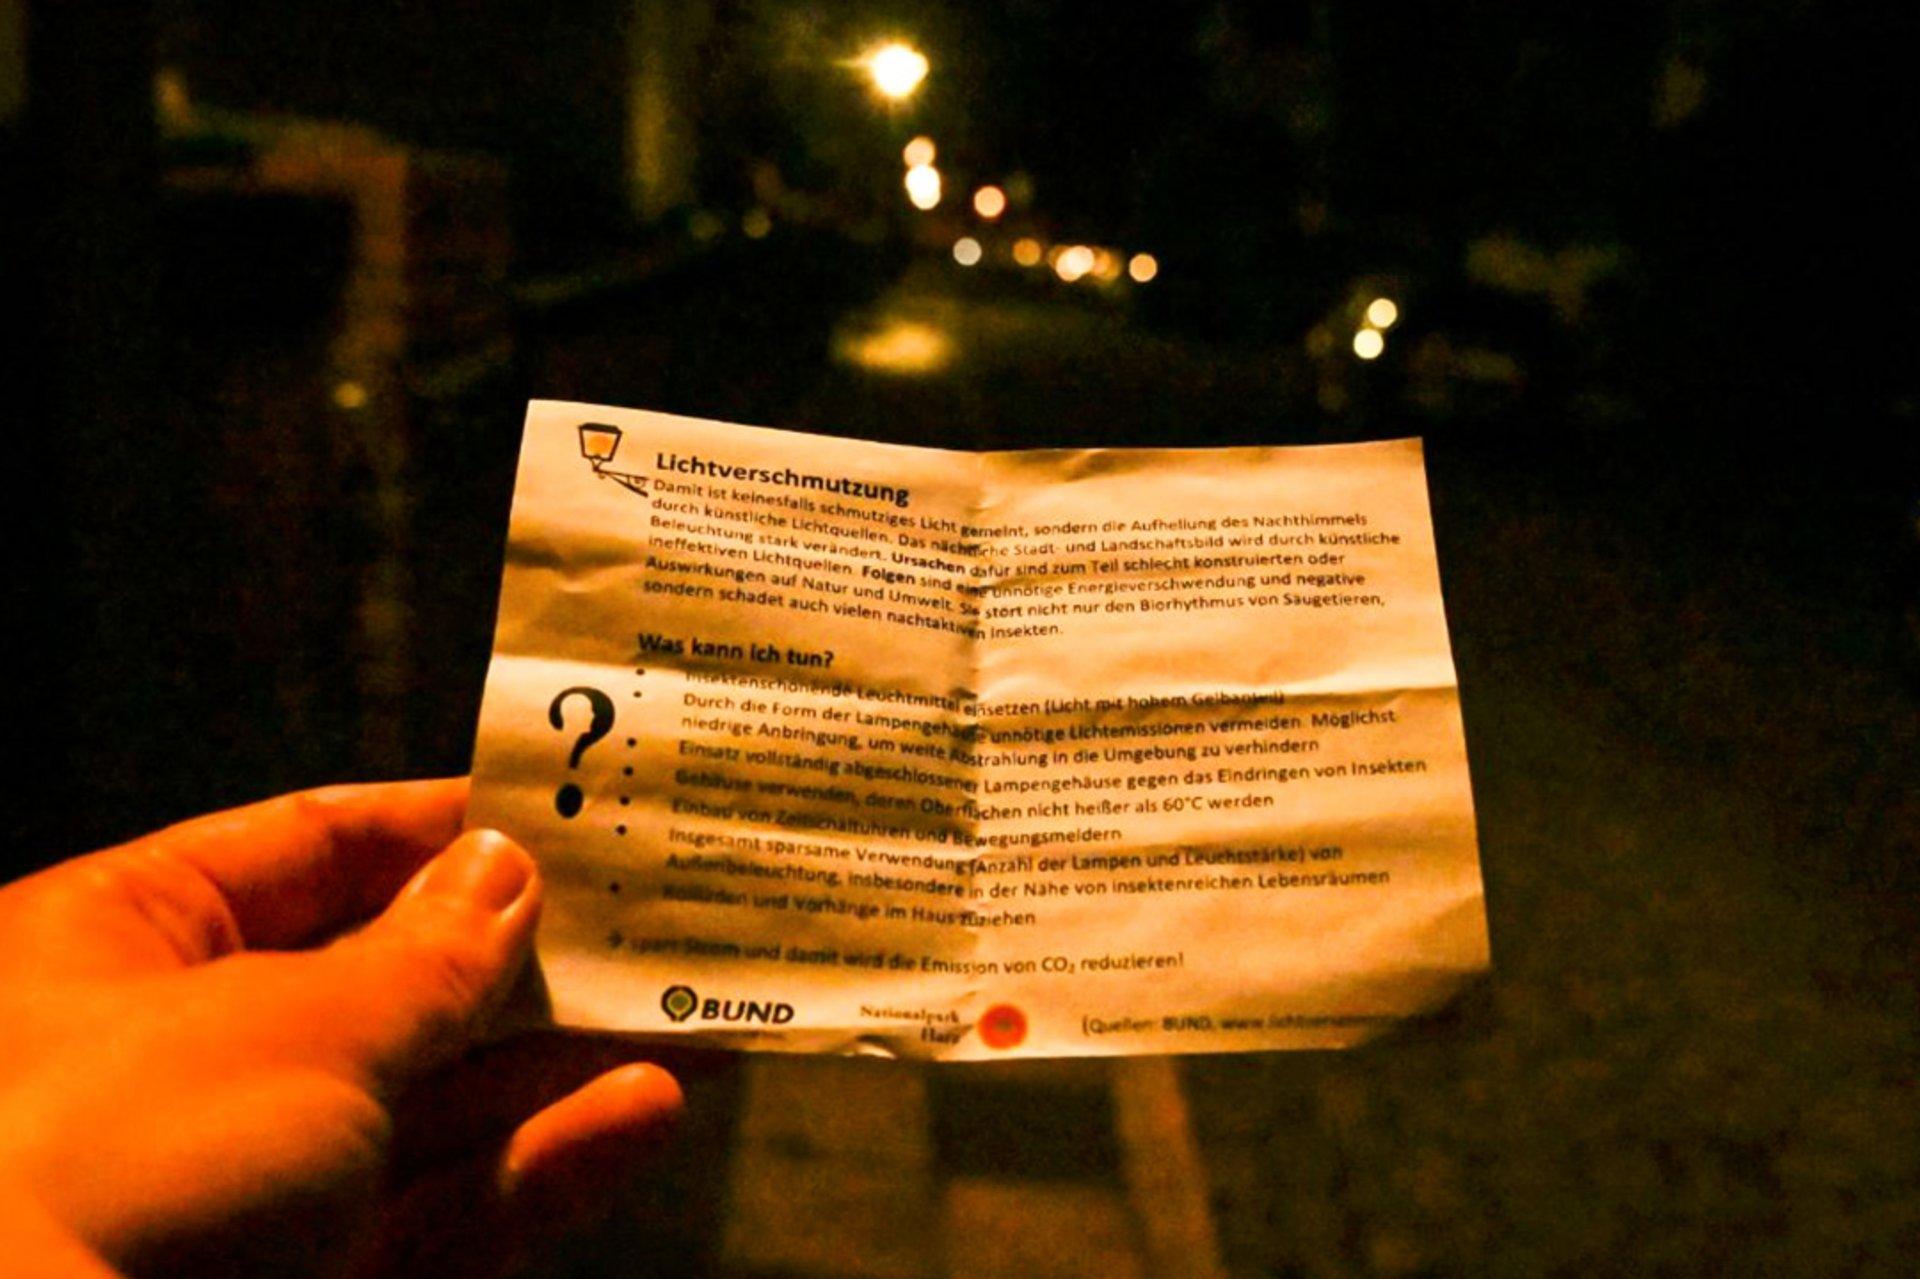 Foto bei Nacht, auf dem das Ausmaß der normalen Lichtverschmutzung deutlich wird: Es ist nicht wirklich dunkel.